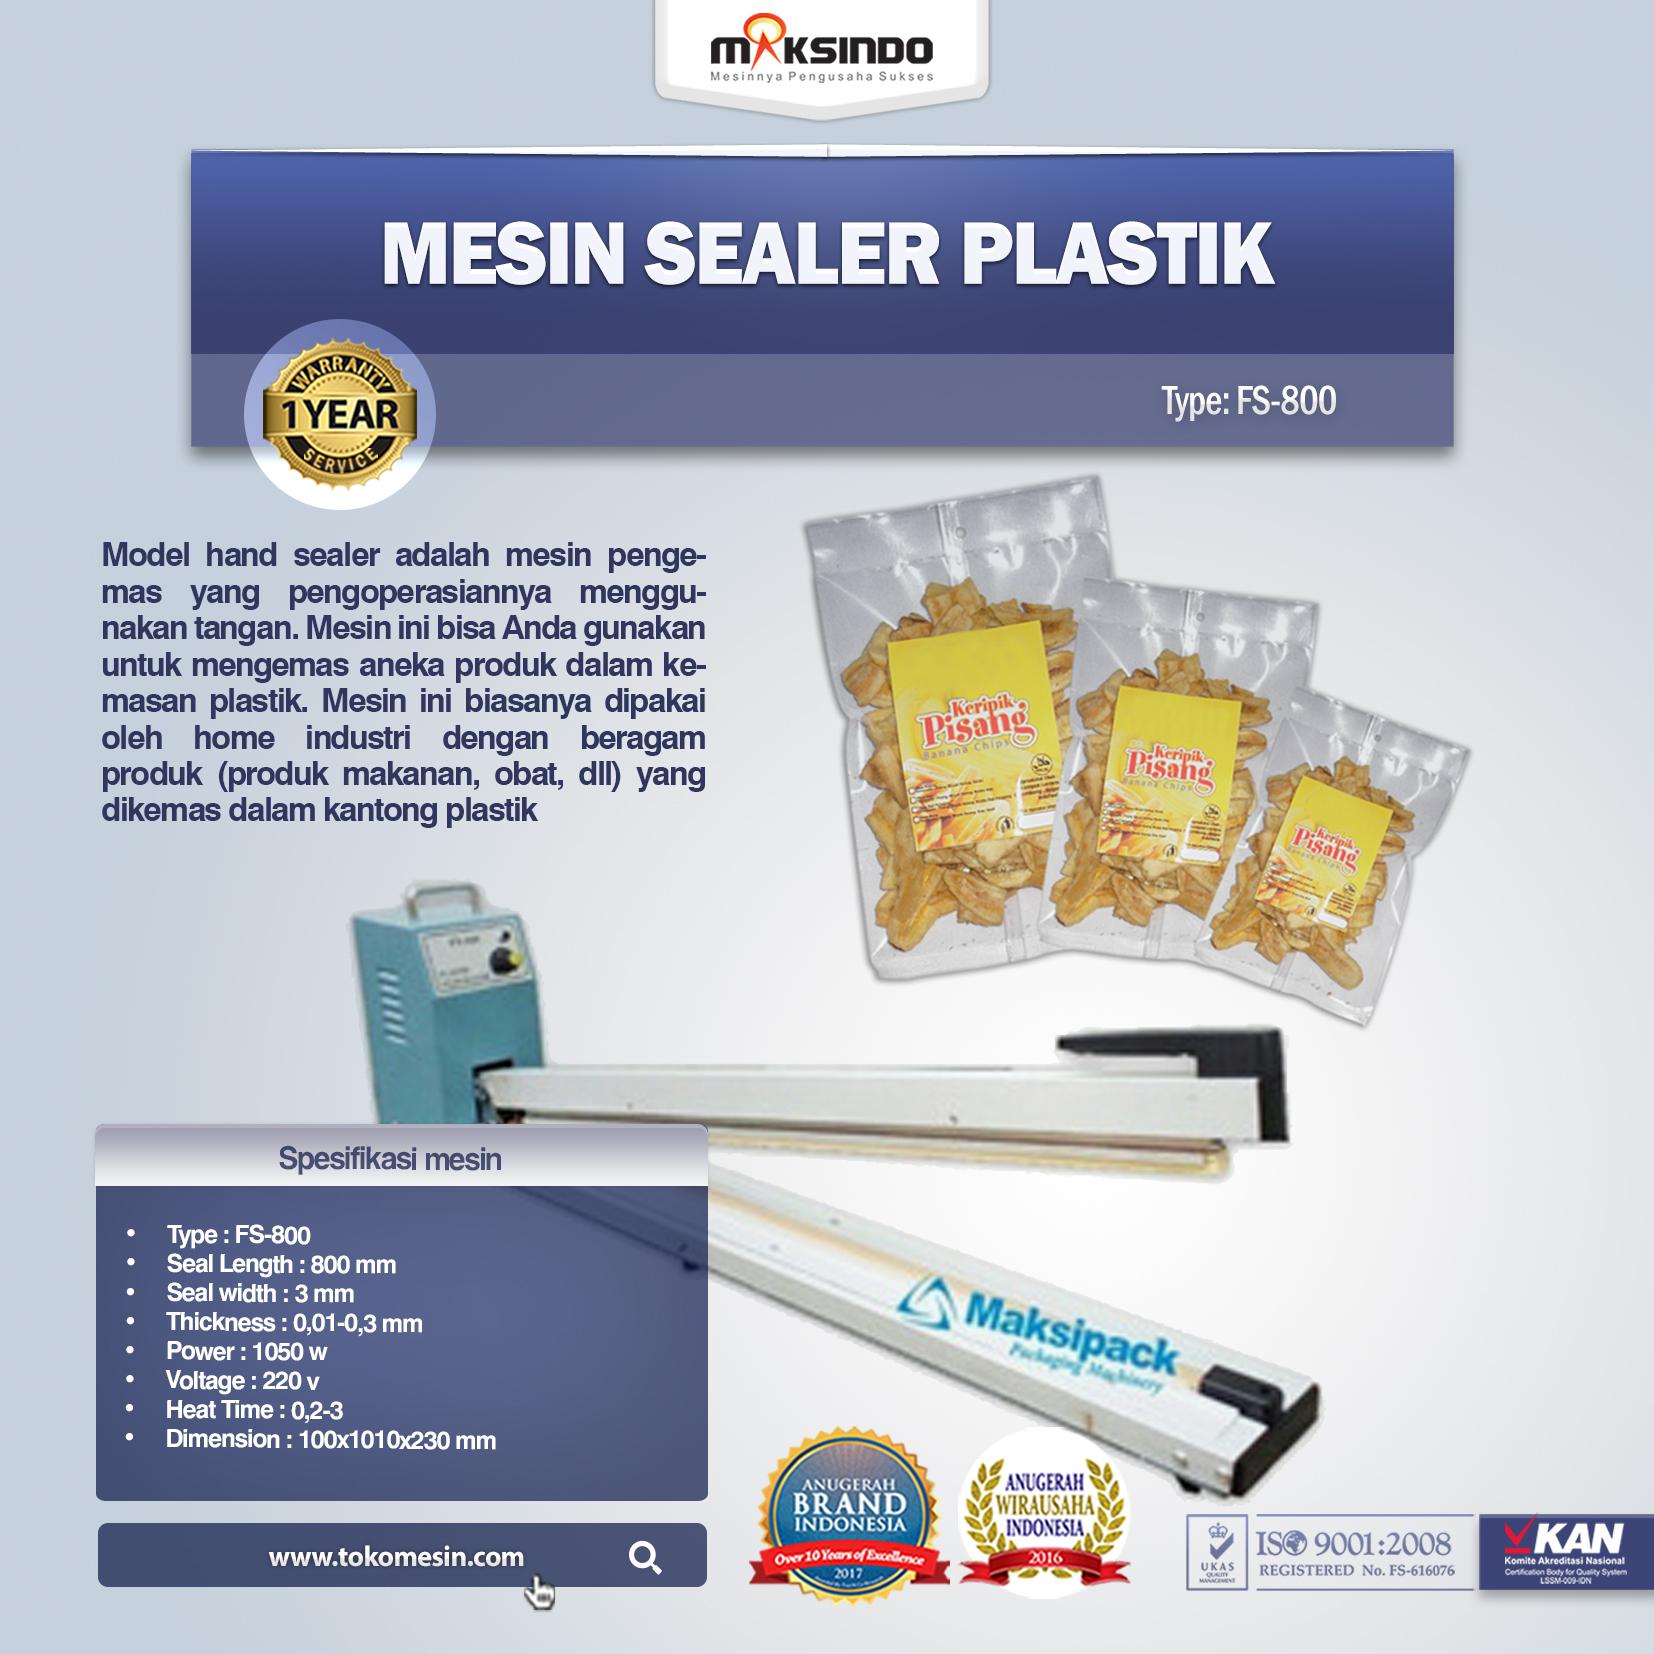 Mesin Sealer Plastik FS-800